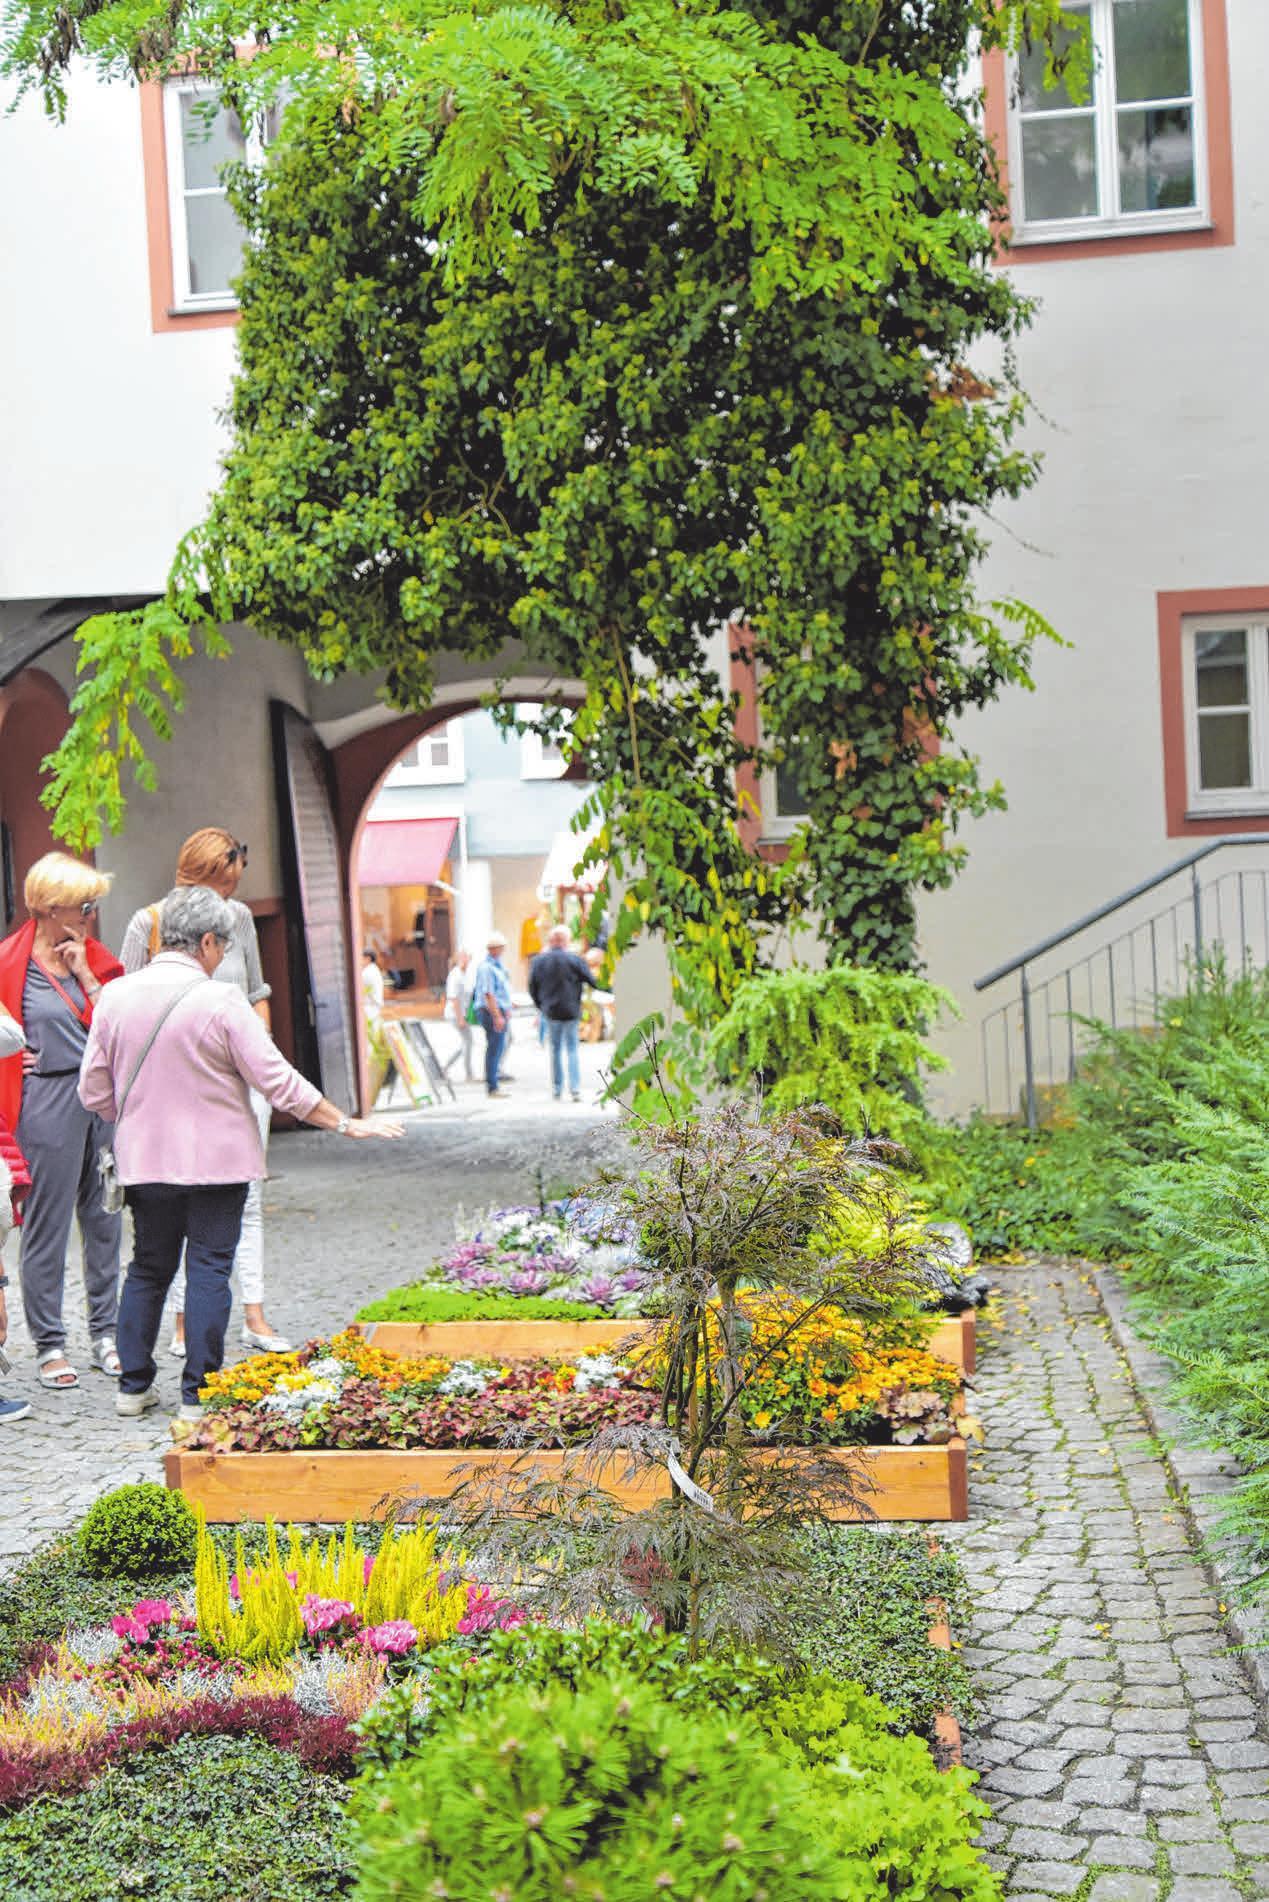 Kunstvoll bepflanzte Beete machen die Ellwanger Innenstadt zum Blumenparadies. Foto: Ursula Maier